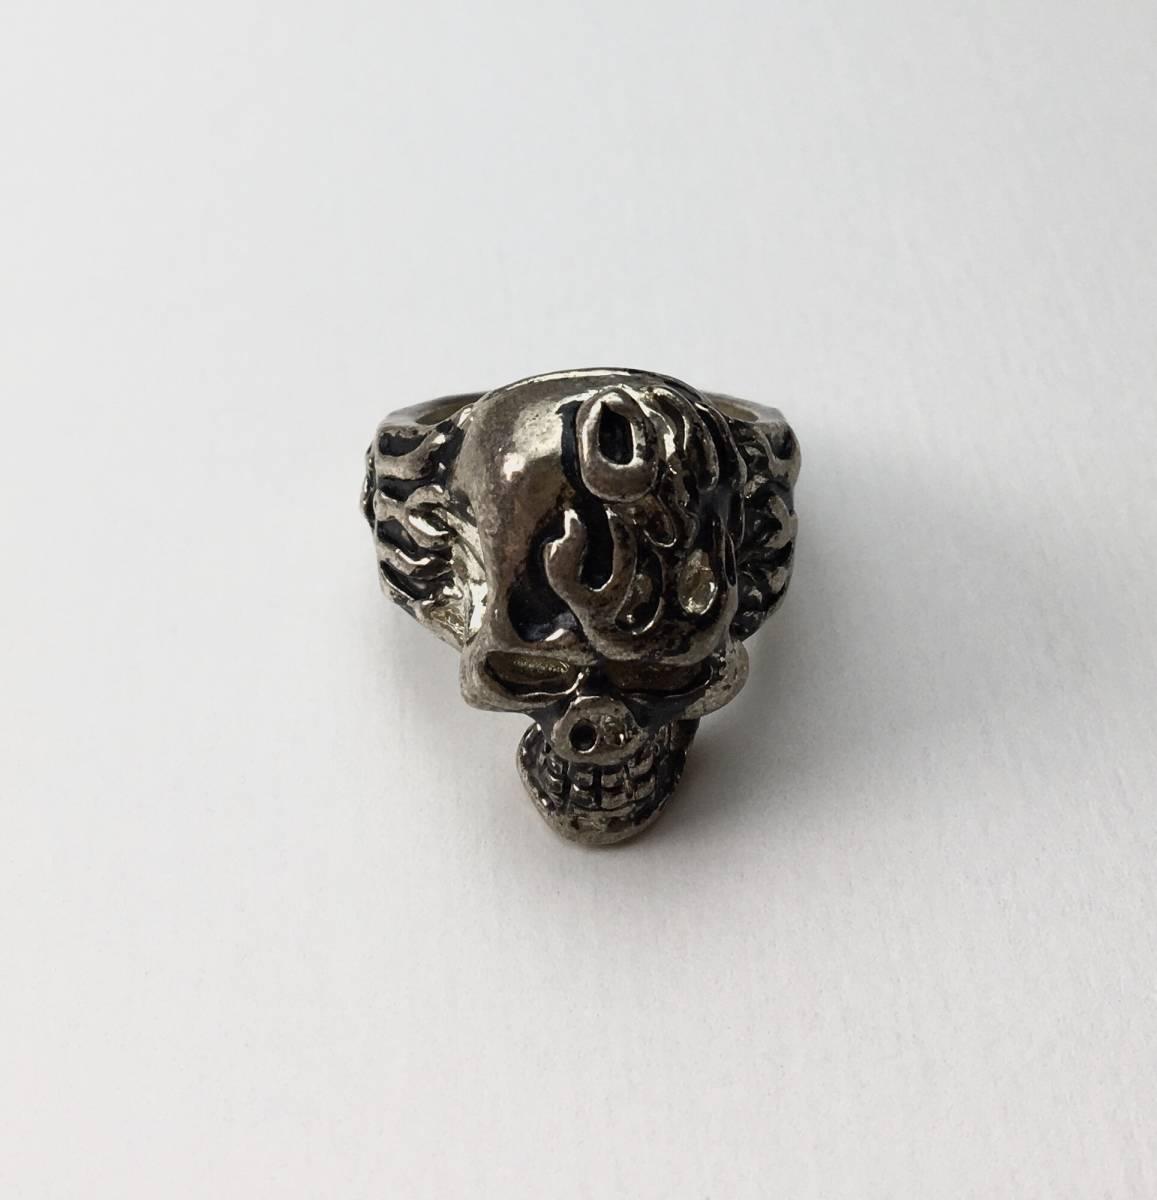 スカル リング 指輪 髑髏 ドクロ 骸骨 ガイコツ SKULL シルバーアクセサリー アンティーク アメリカ USA 雑貨 ヴィンテージ vintage 8_画像1